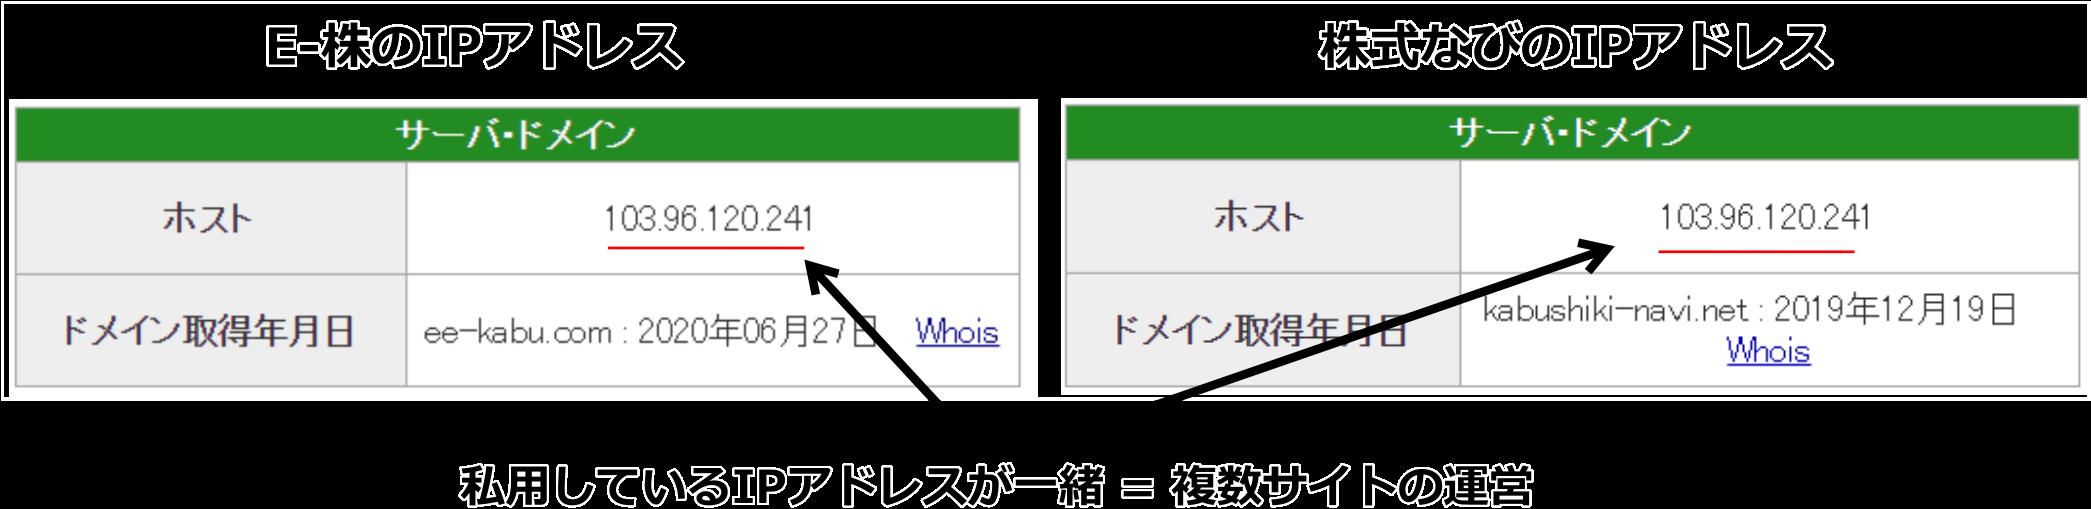 E-株のIPアドレス比較